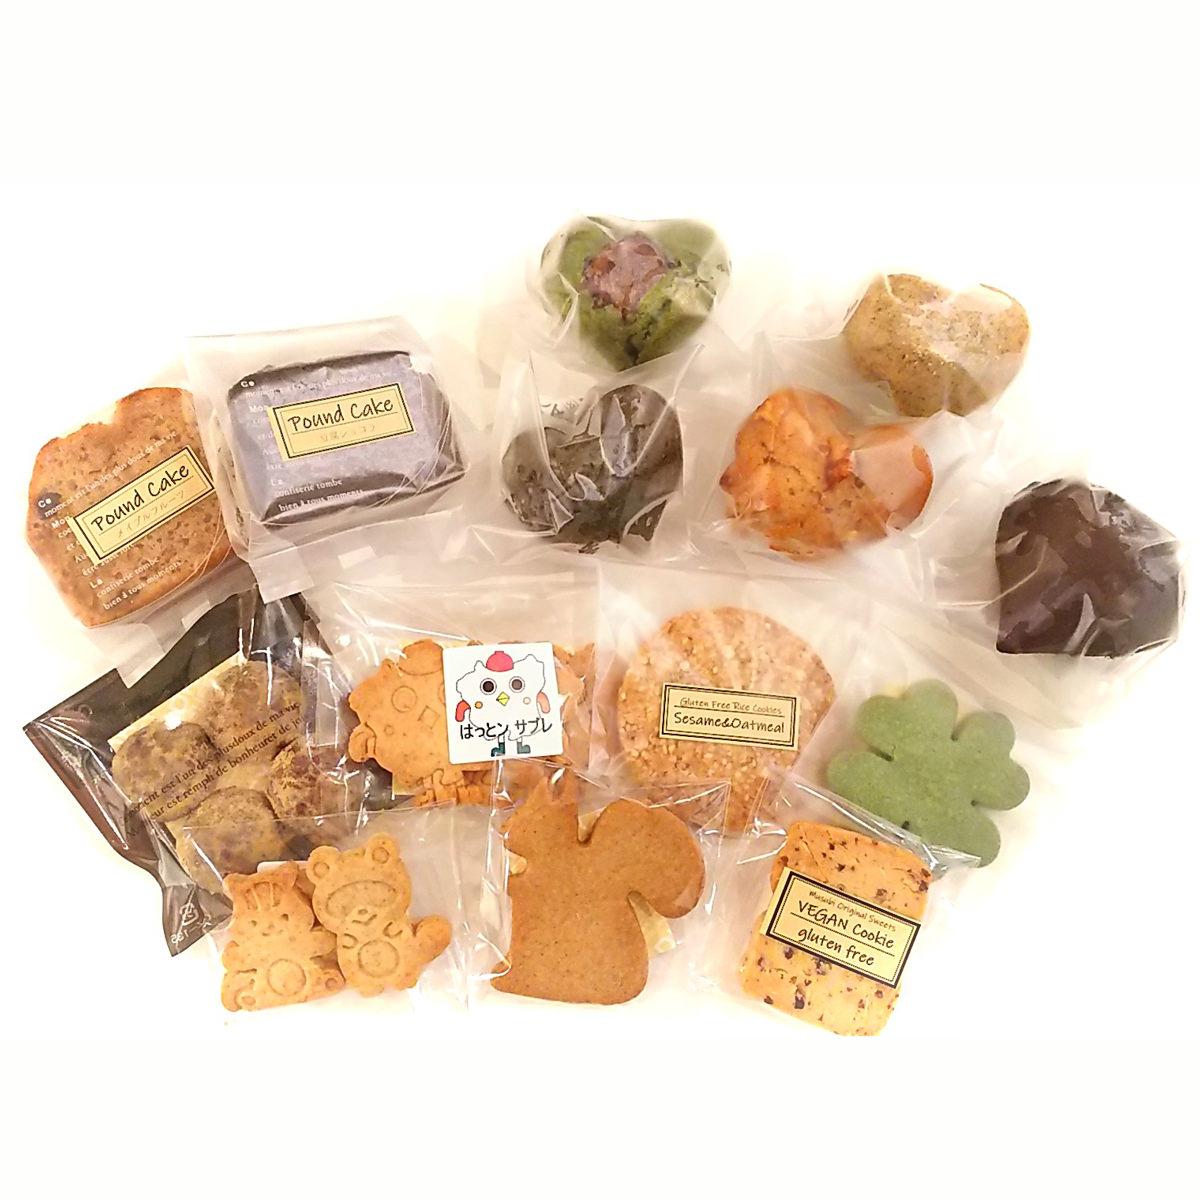 Vegan Sweets 詰合せ 〔マフィン50g×5、パウンドケーキ65g×2、クッキー20g×7〕 宮城県 洋菓子 精進スイーツ結び